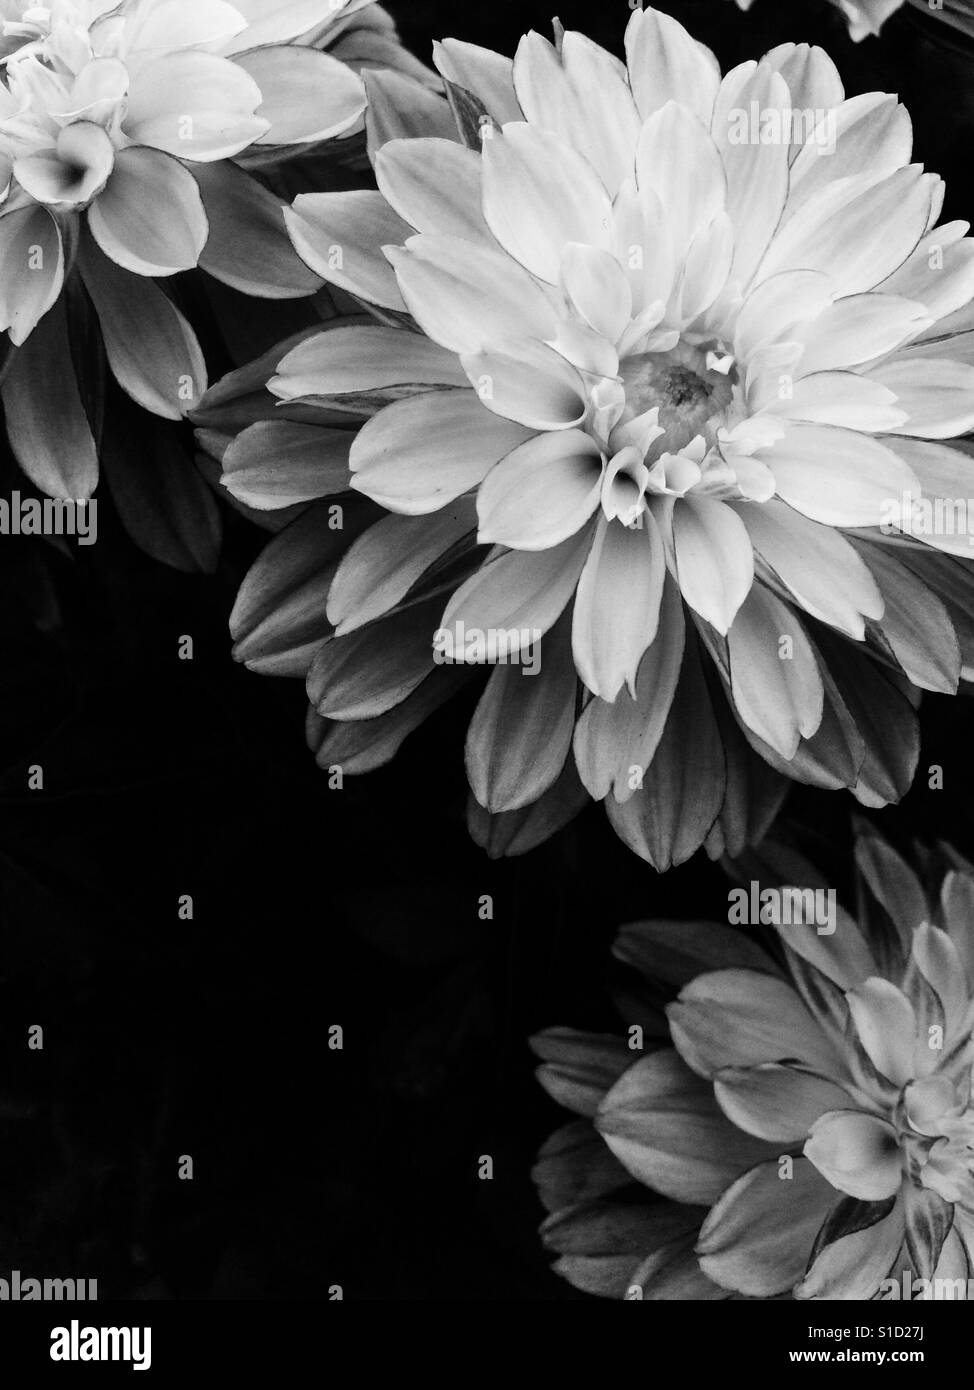 Dahlia flower black and white stock photos images alamy dahlia flower stock image izmirmasajfo